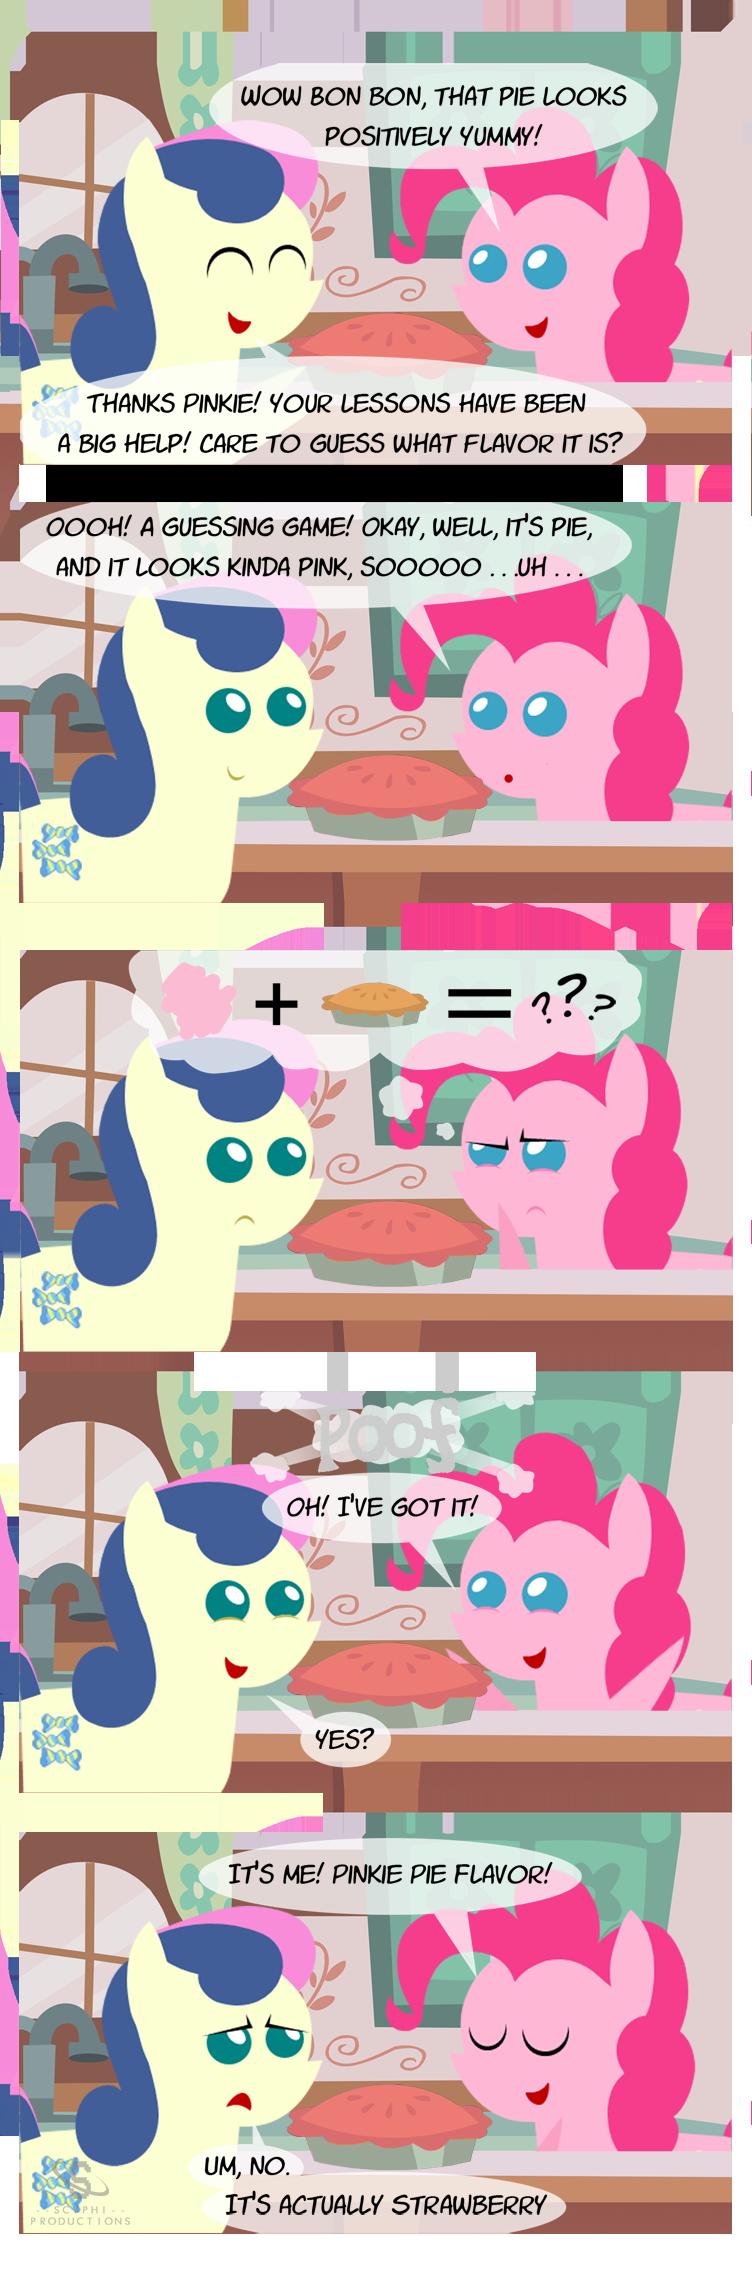 Pie's The Word